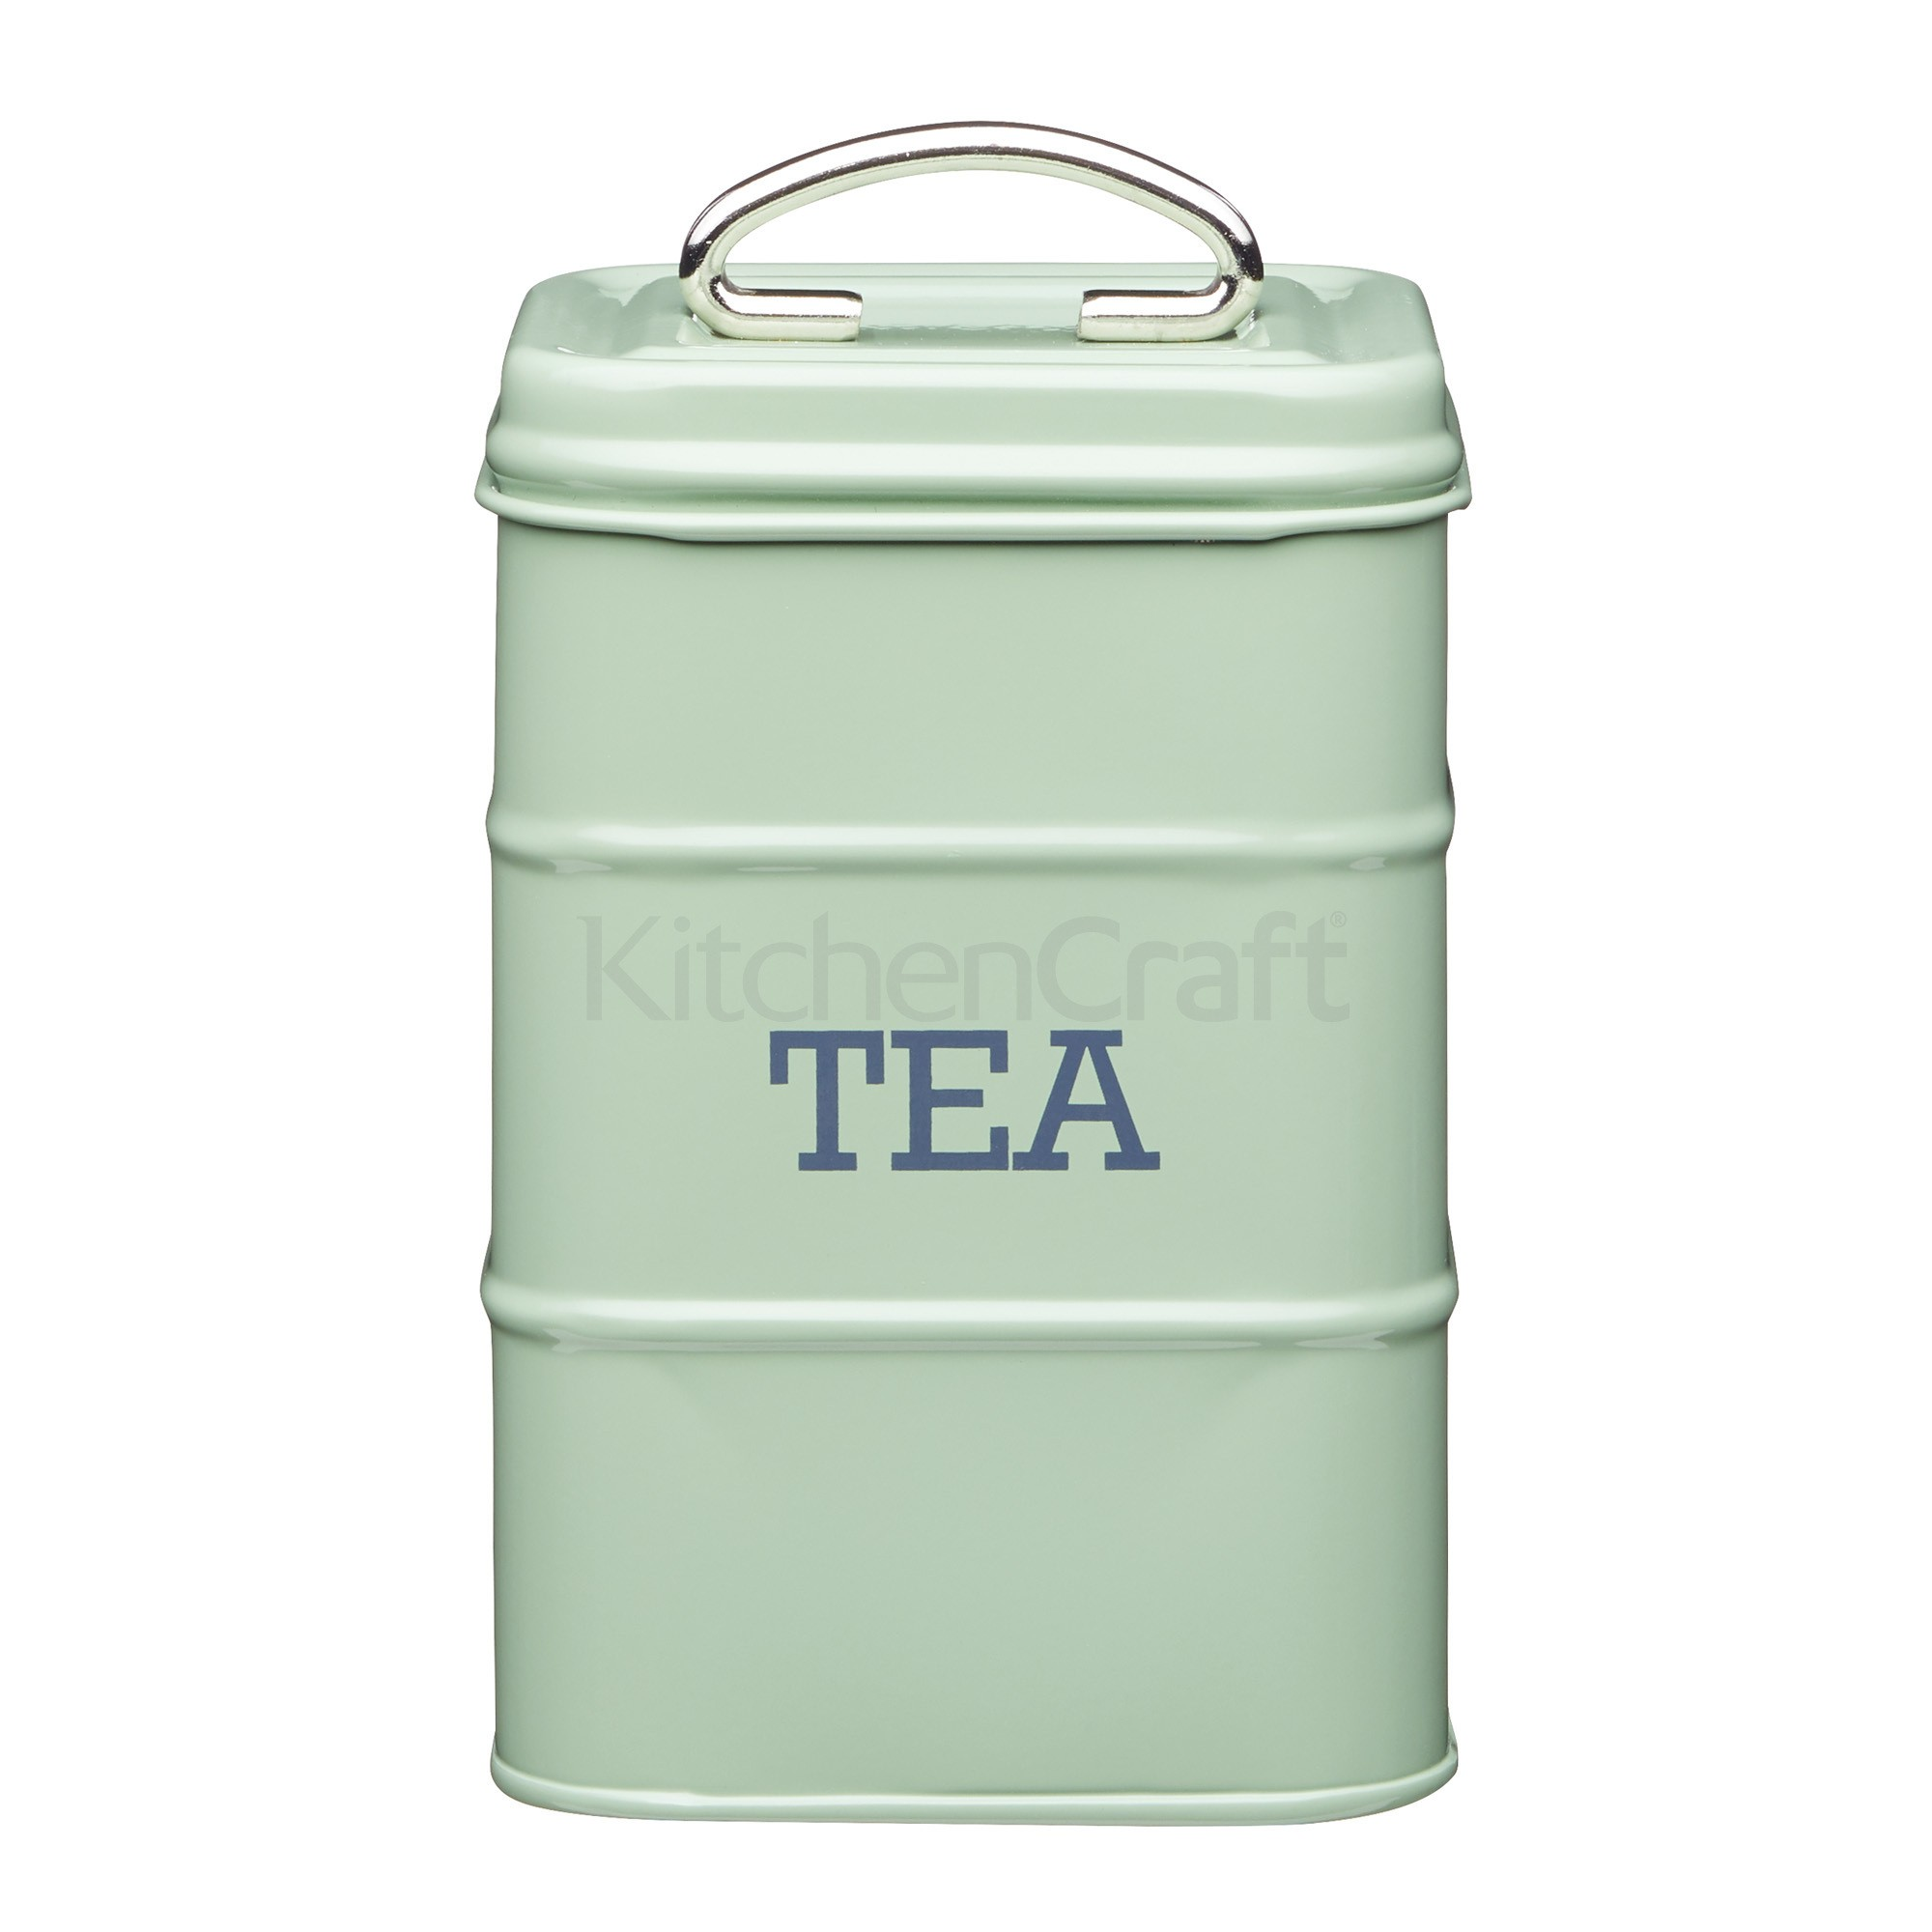 Δοχείο Για Τσάι Living Nostalgia Sage Green By Kitchencraft home   ειδη cafe τσαϊ   δοχεία καφε   ζάχαρης